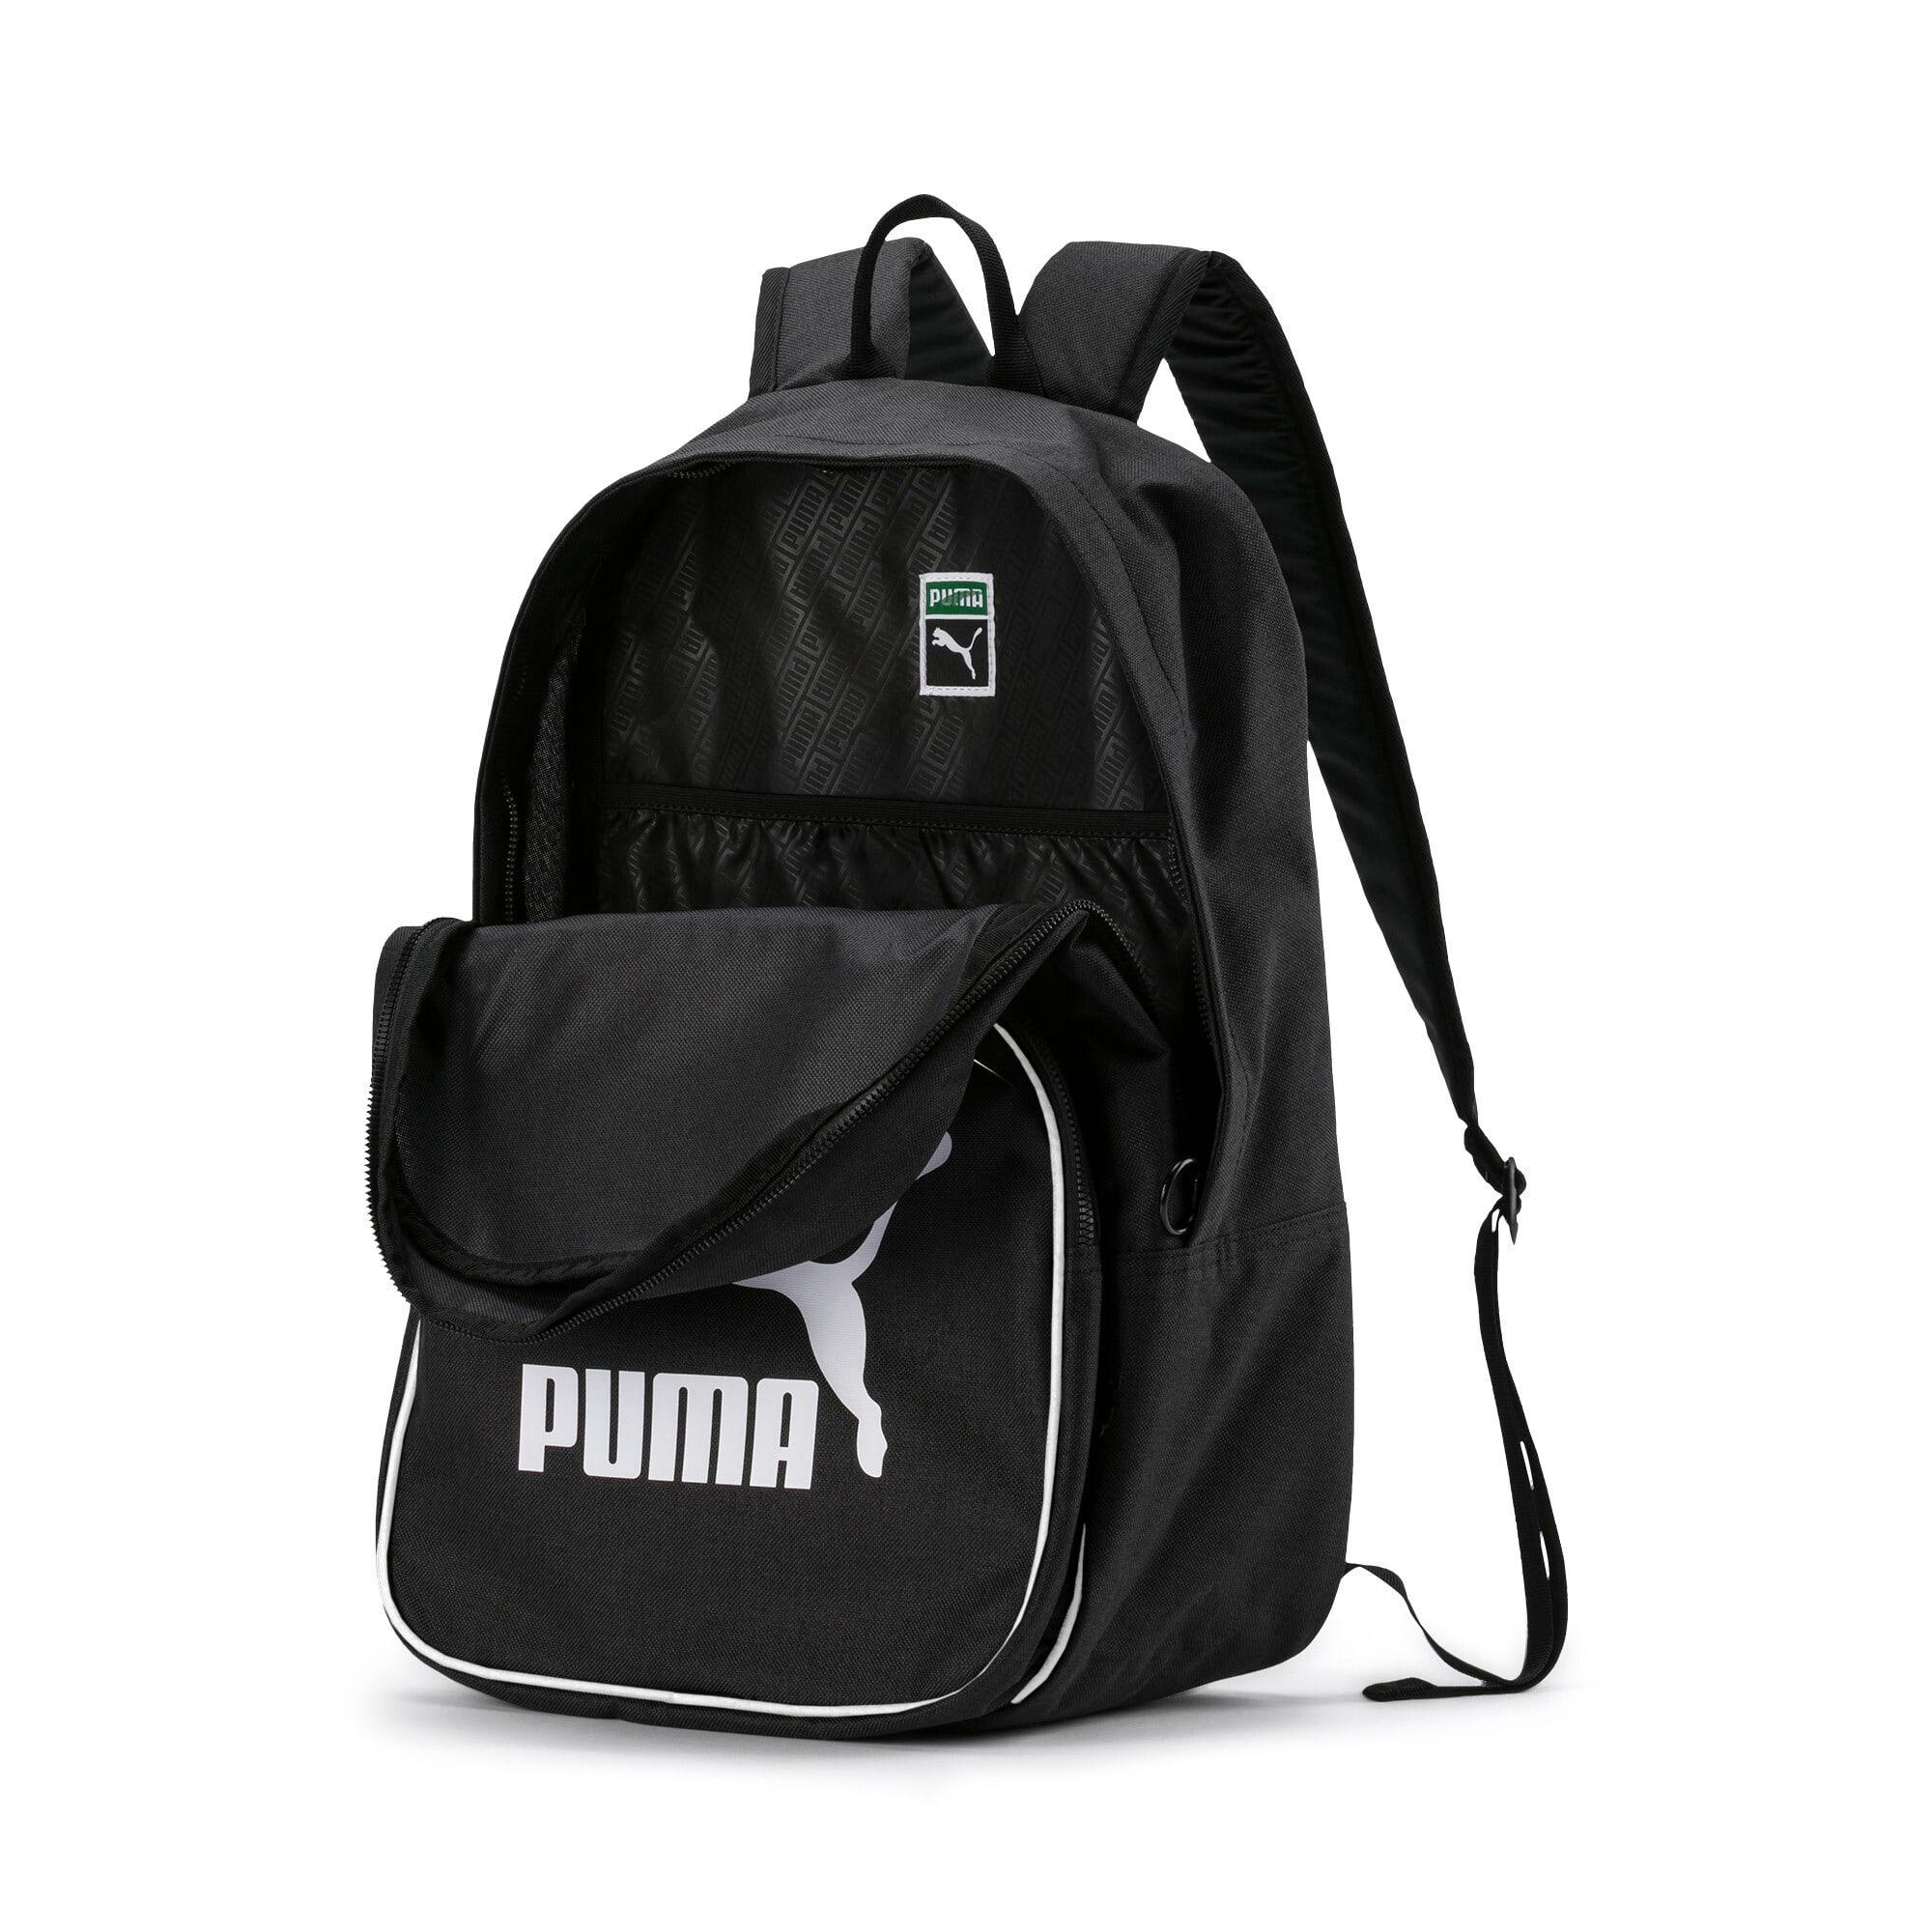 Thumbnail 4 of Originals Retro Woven Backpack, Puma Black, medium